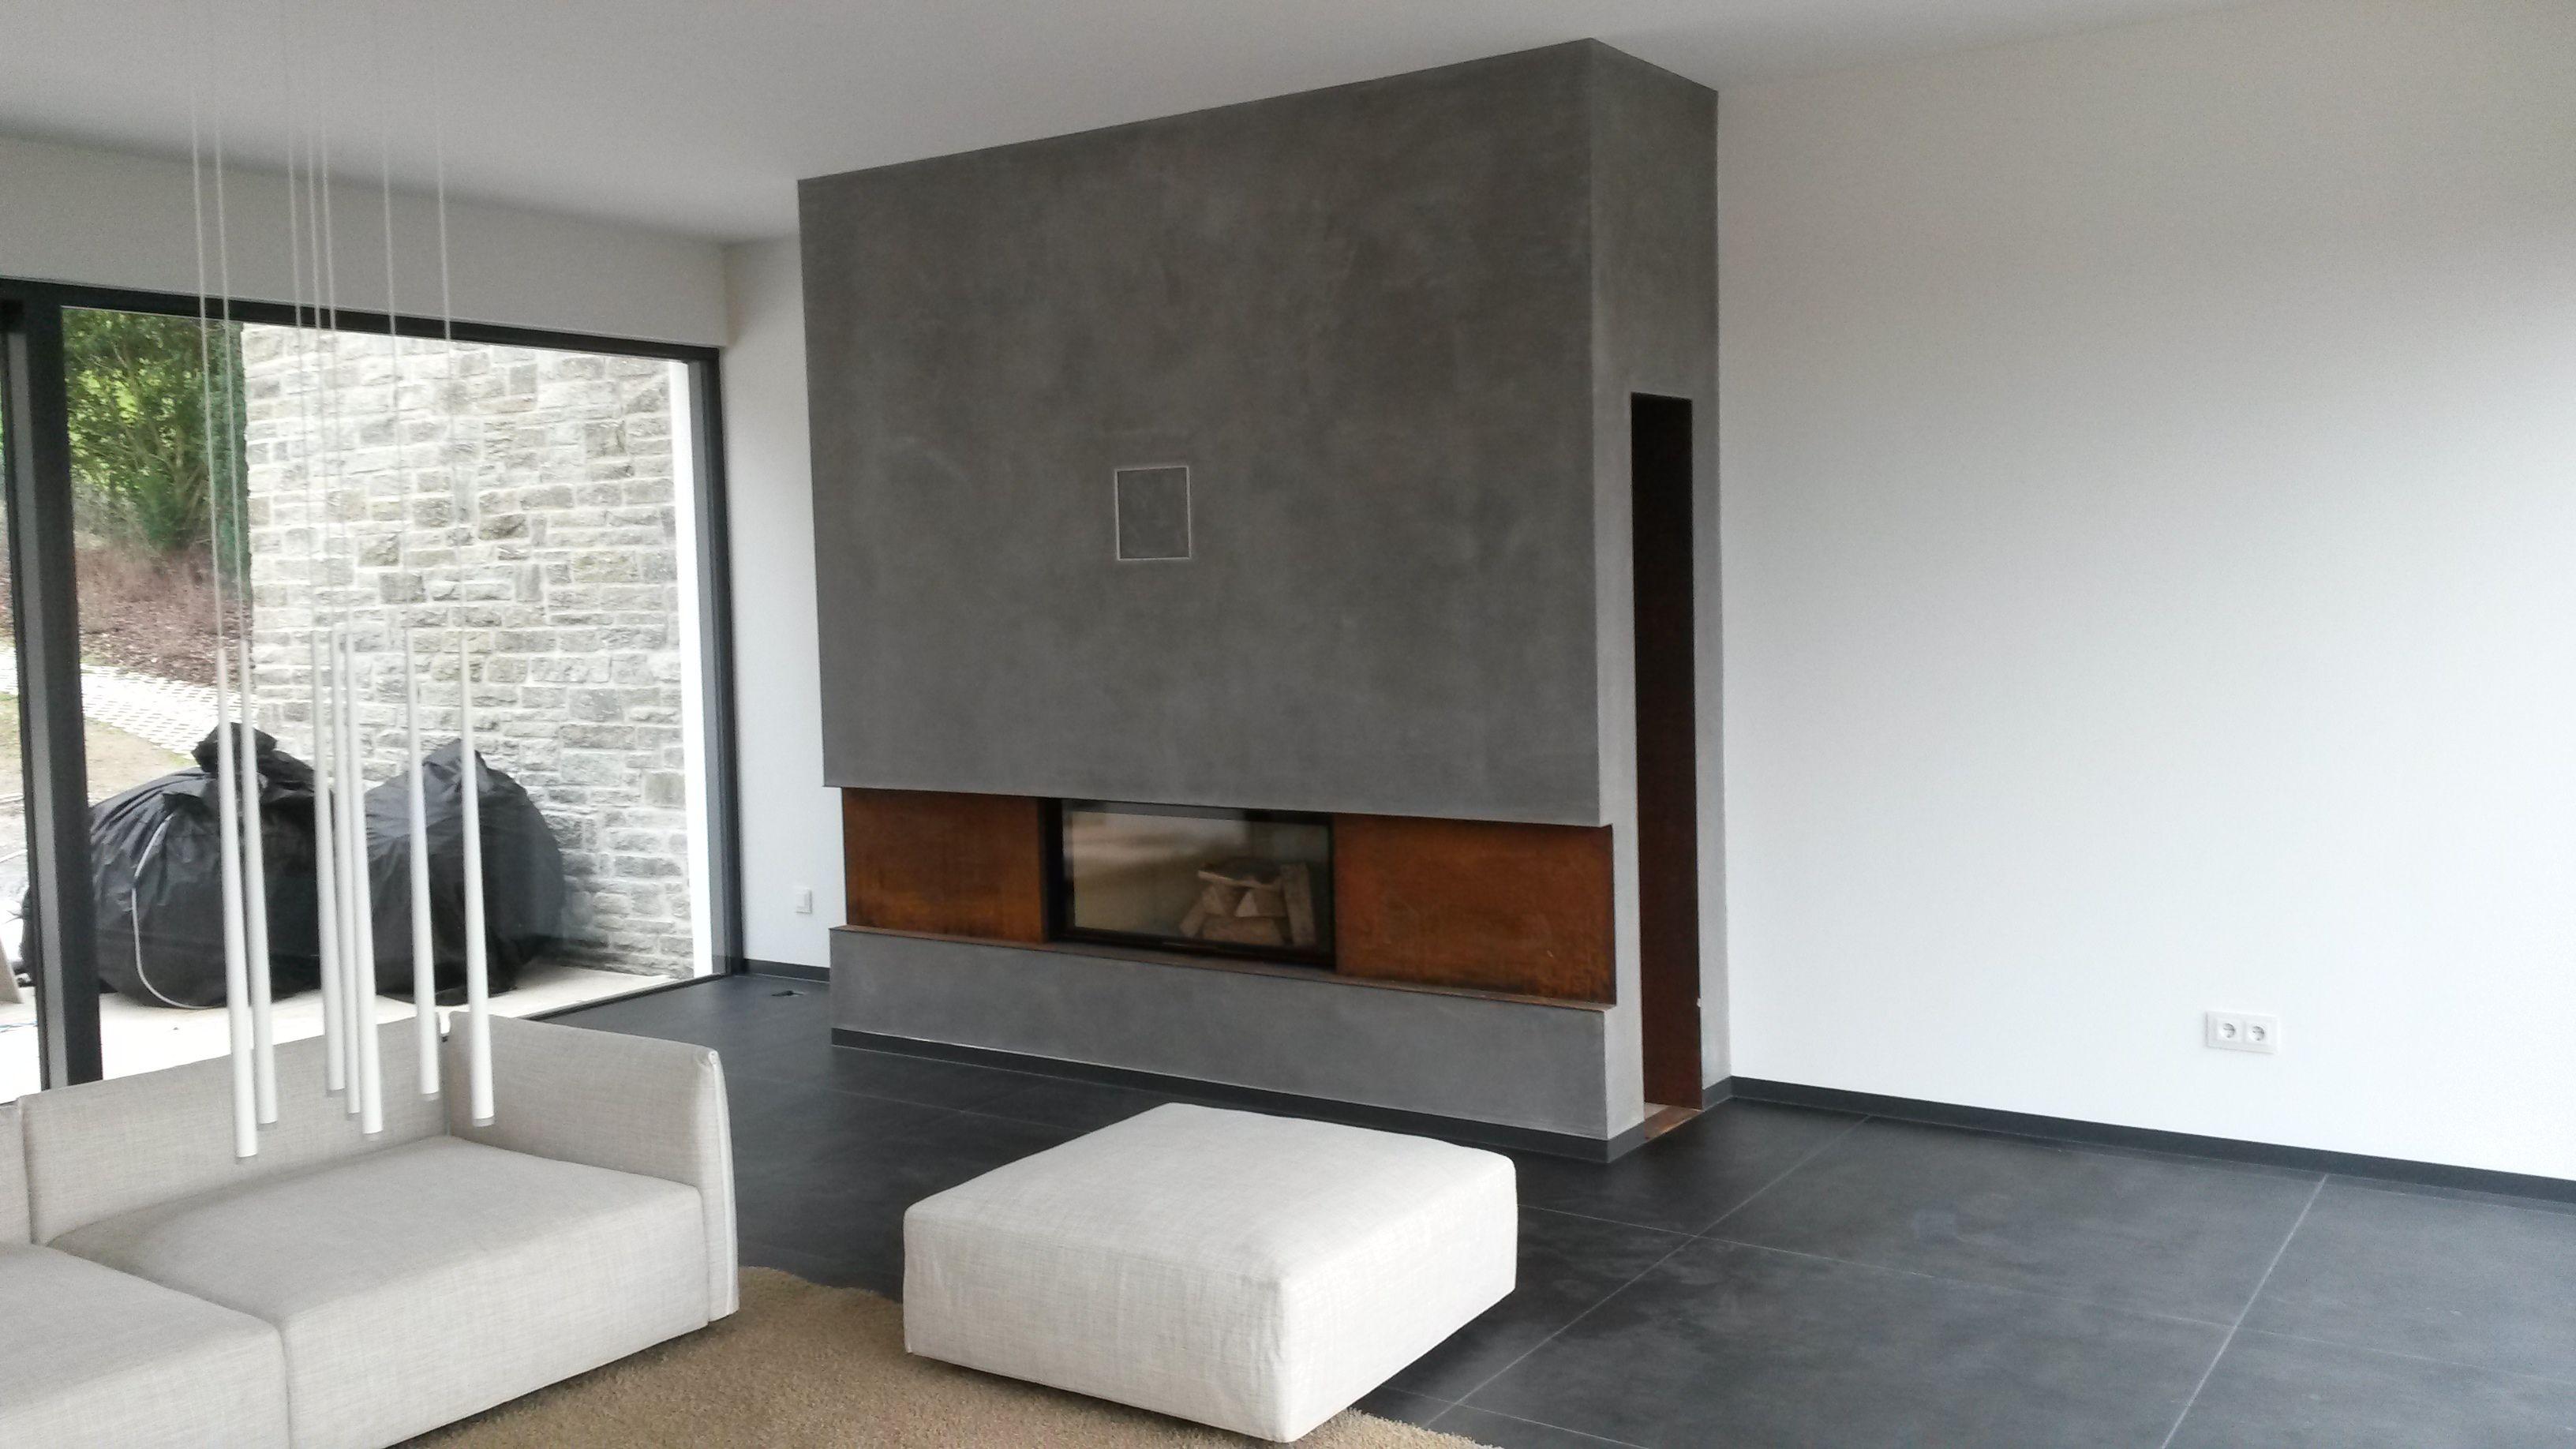 beton kamin rost cortenstahl industrie  wohnen